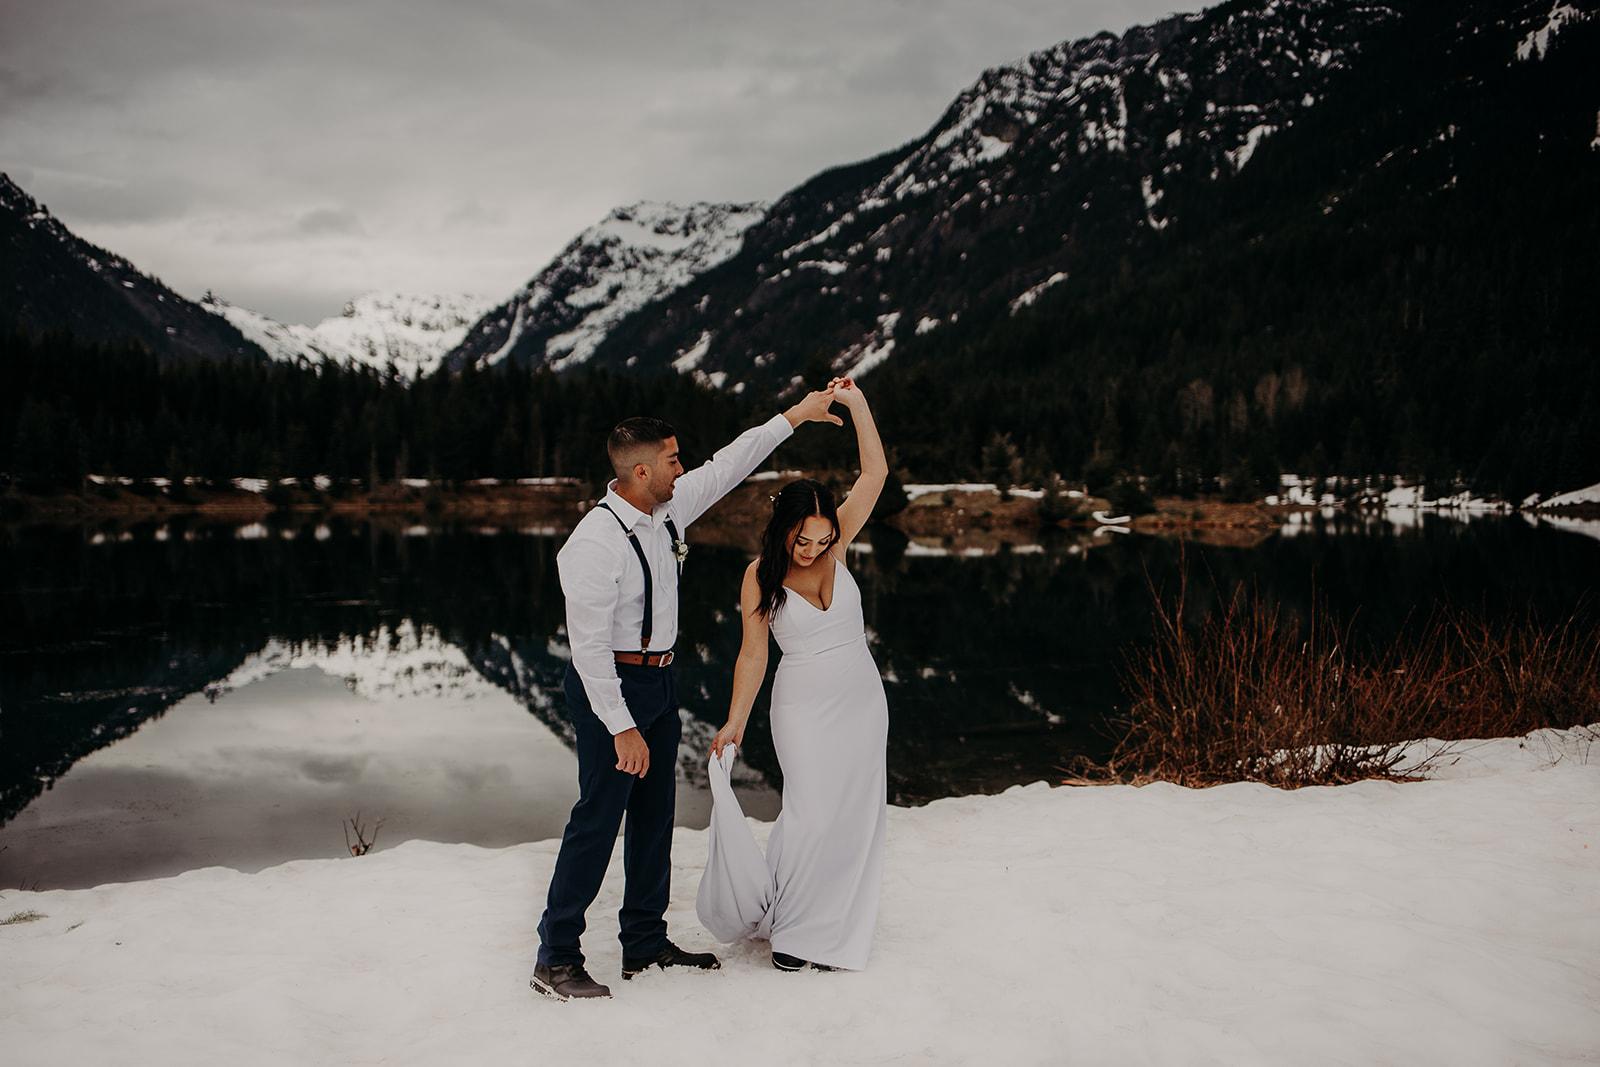 winter-mountain-elopement-asheville-wedding-photographer-megan-gallagher-photographer (26).jpg